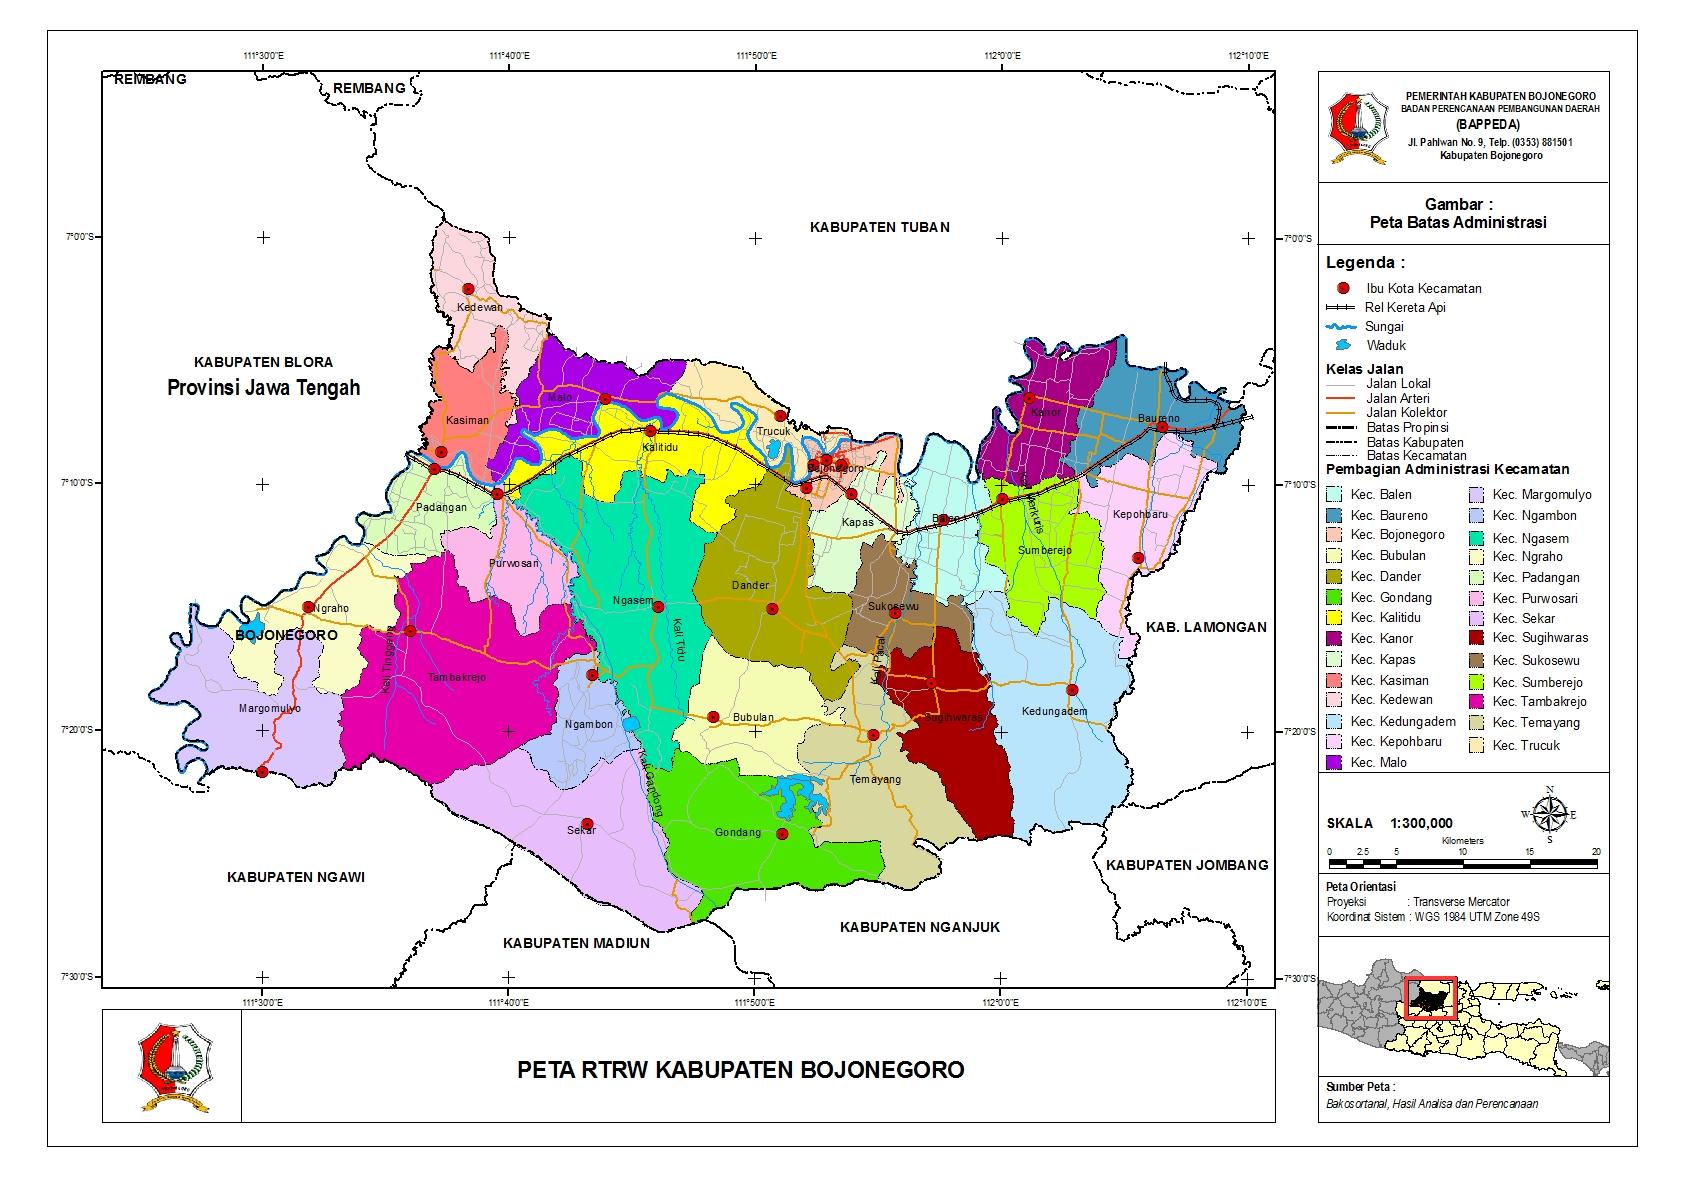 Peta Kota: Peta Kabupaten Bojonegoro